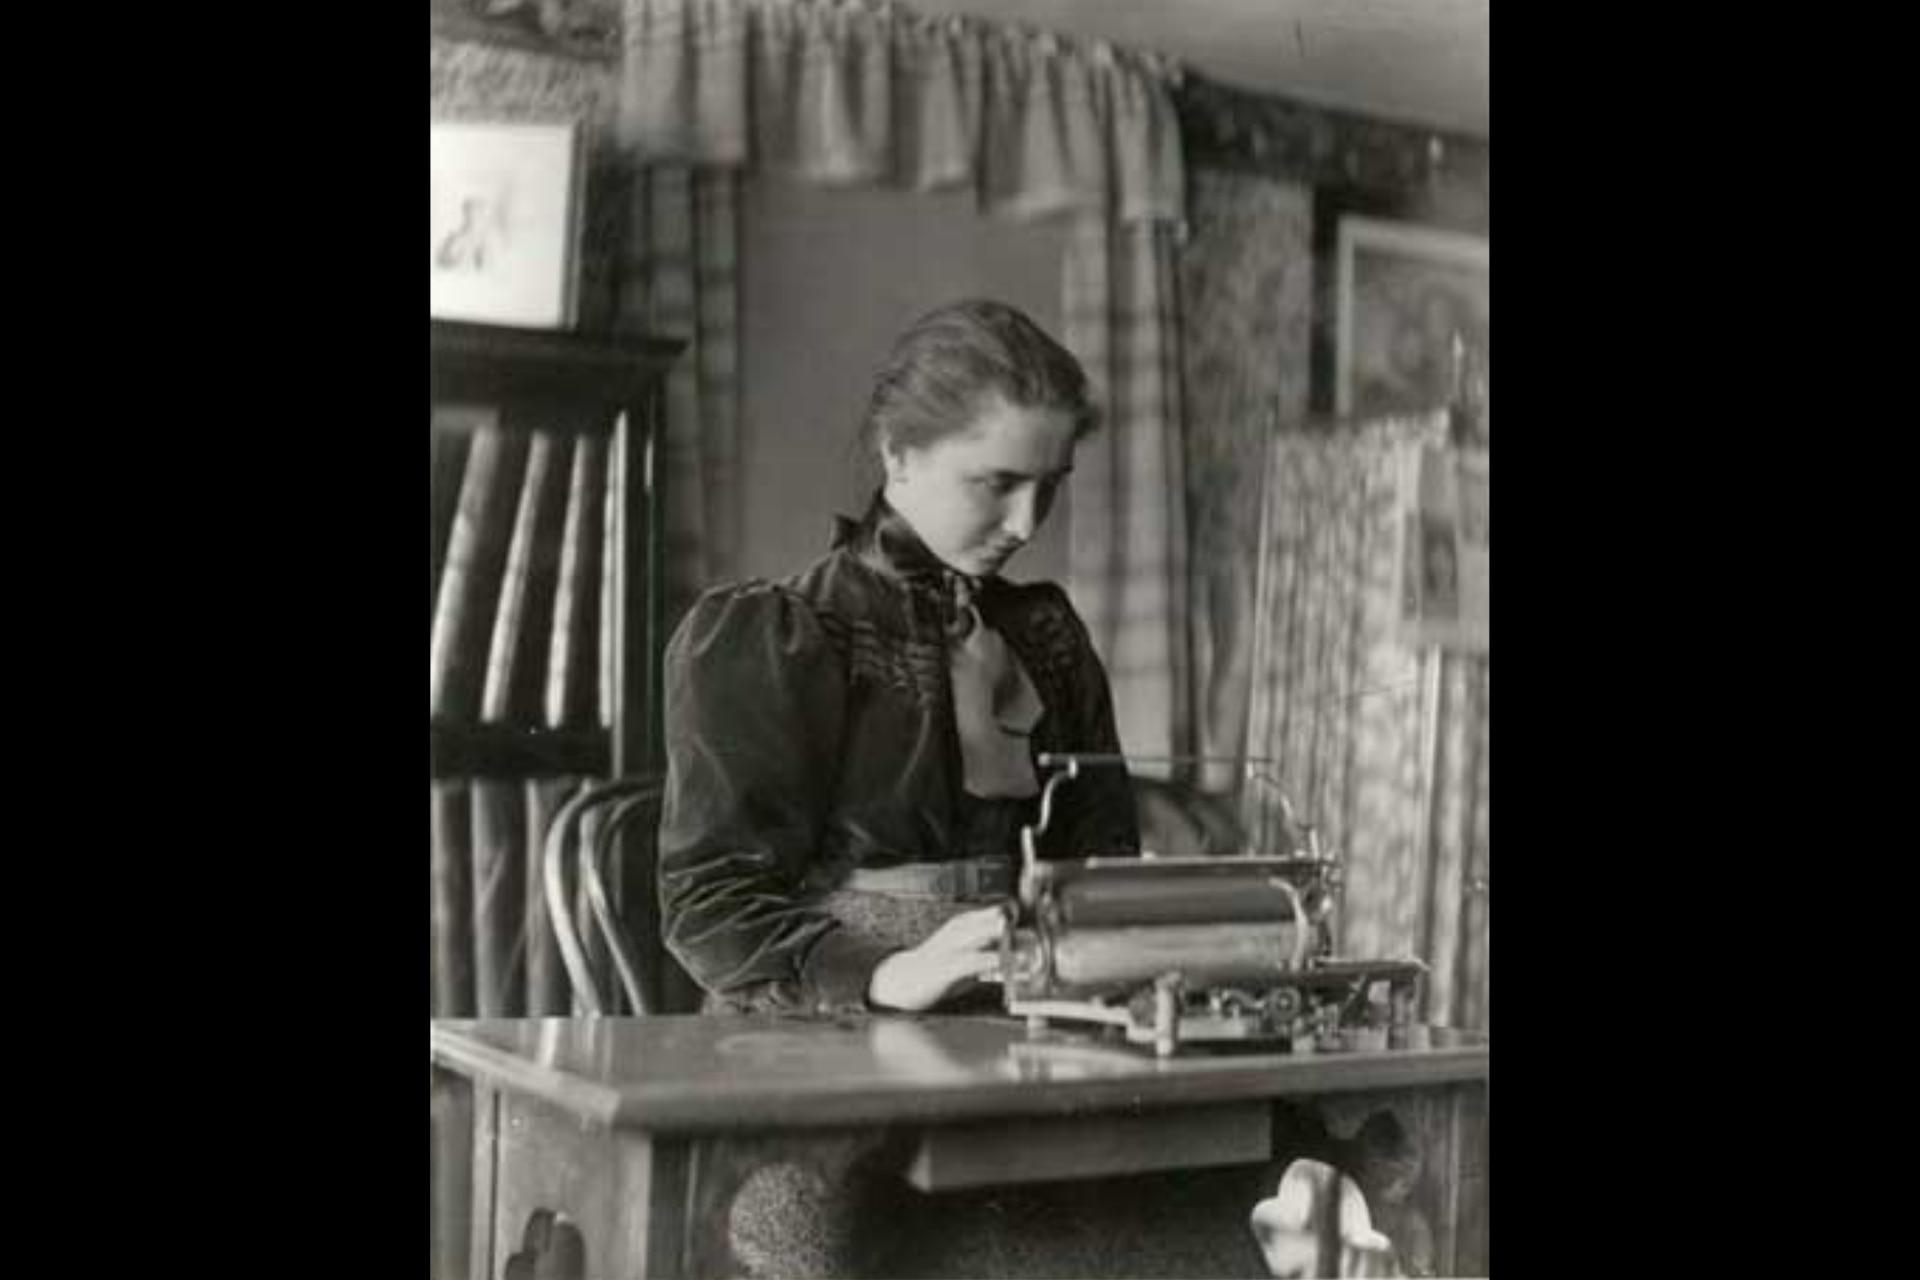 Helen escribiendo a máquina en el Radcliffe College, en 1900 aproximadamente